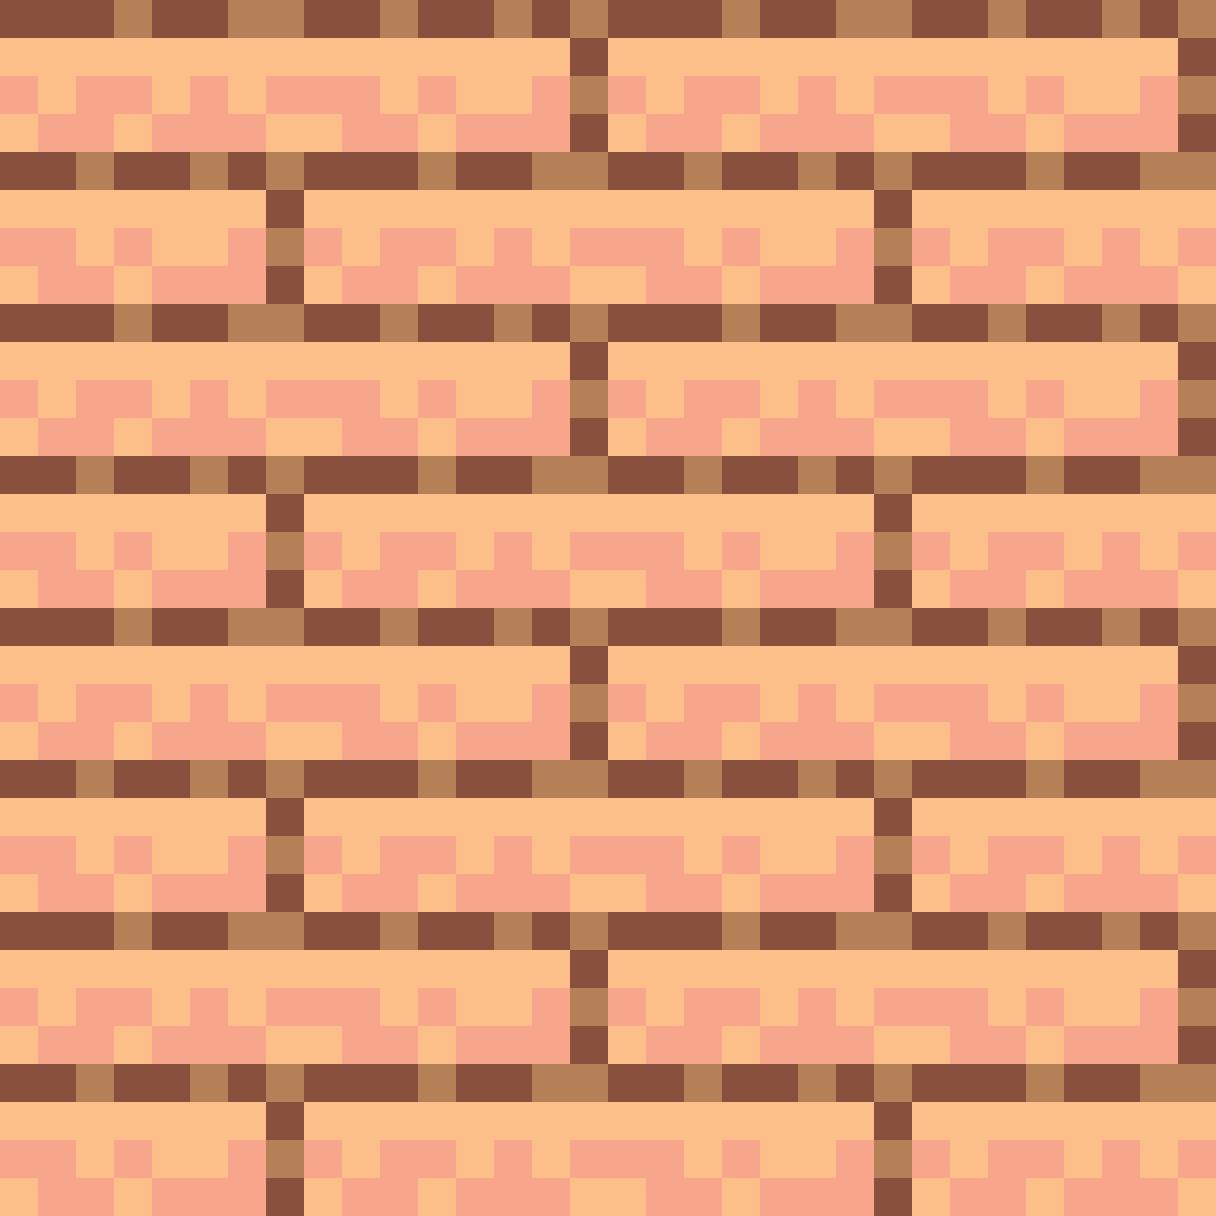 A tileable brick pixelart image